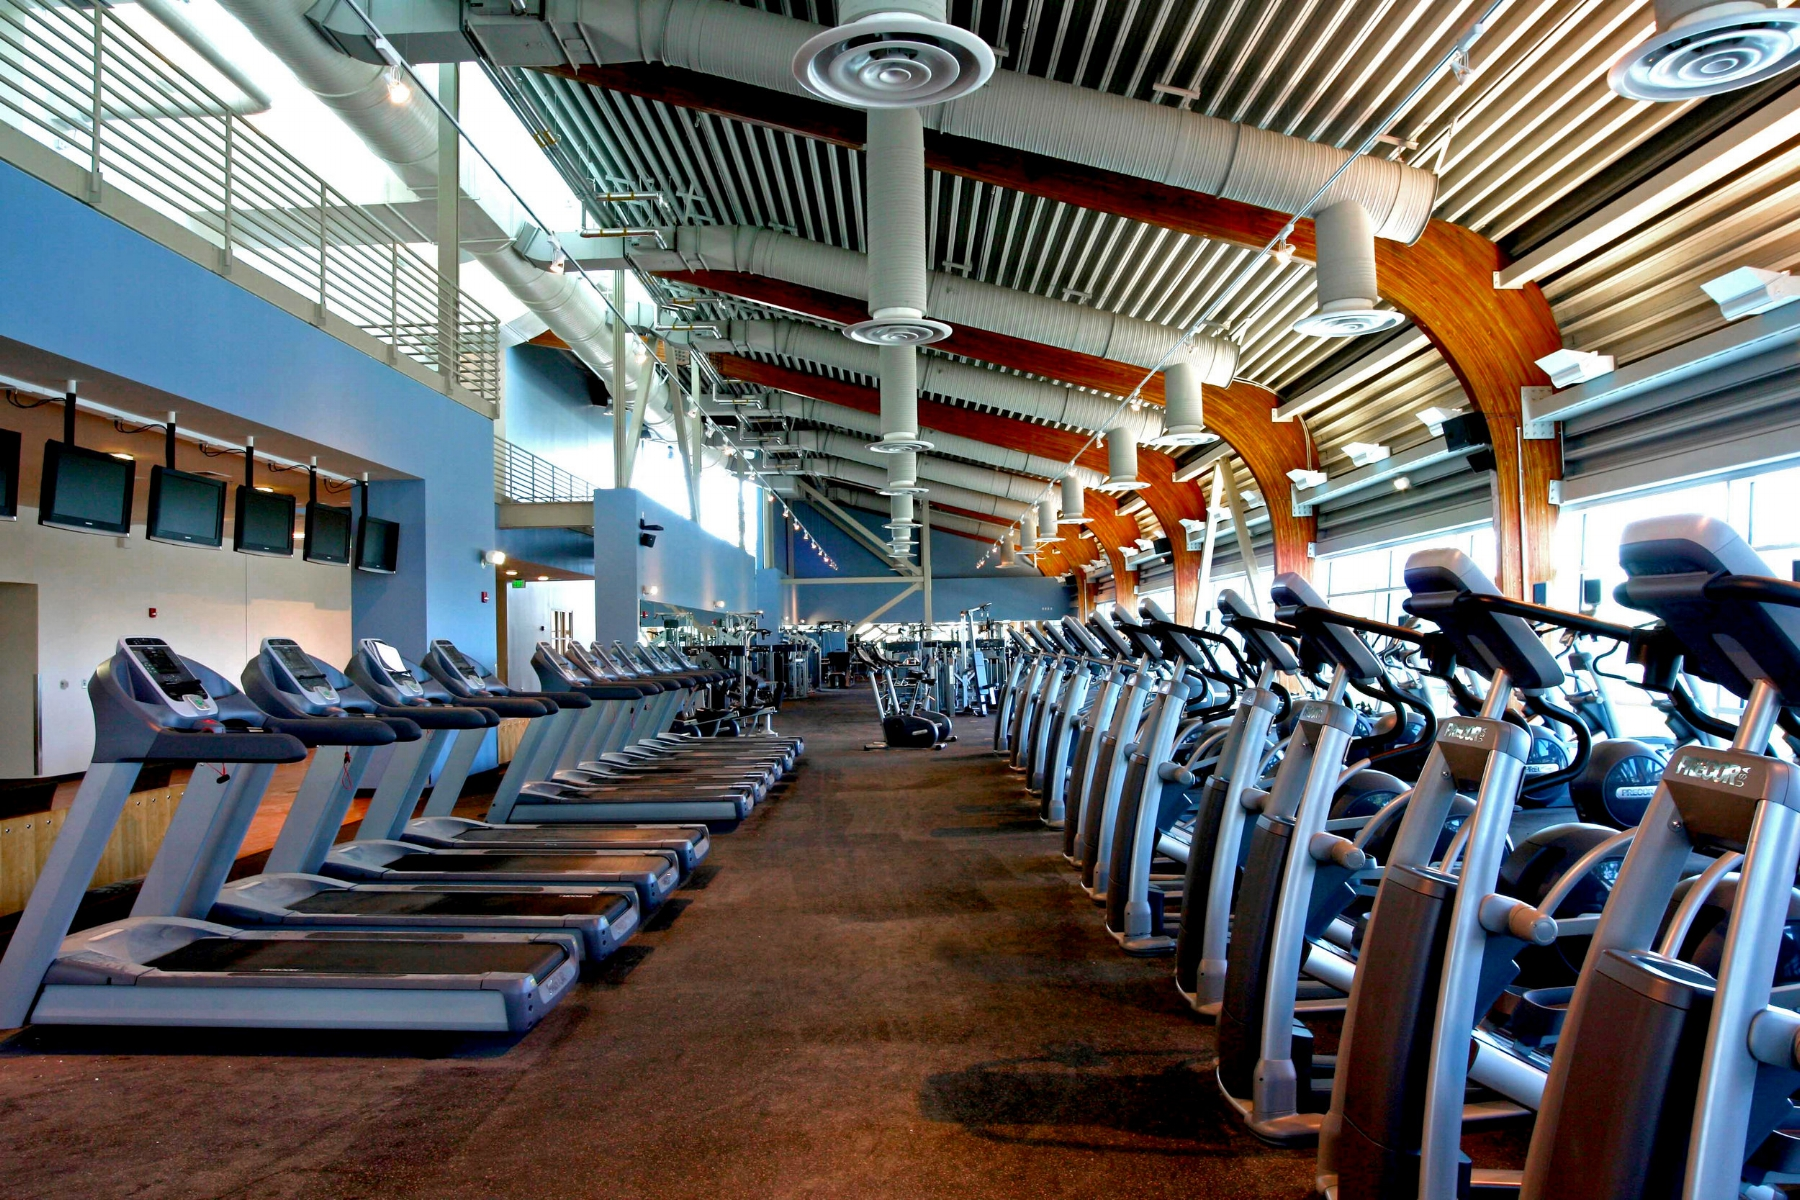 CSUSB_Rec_Center_Gym